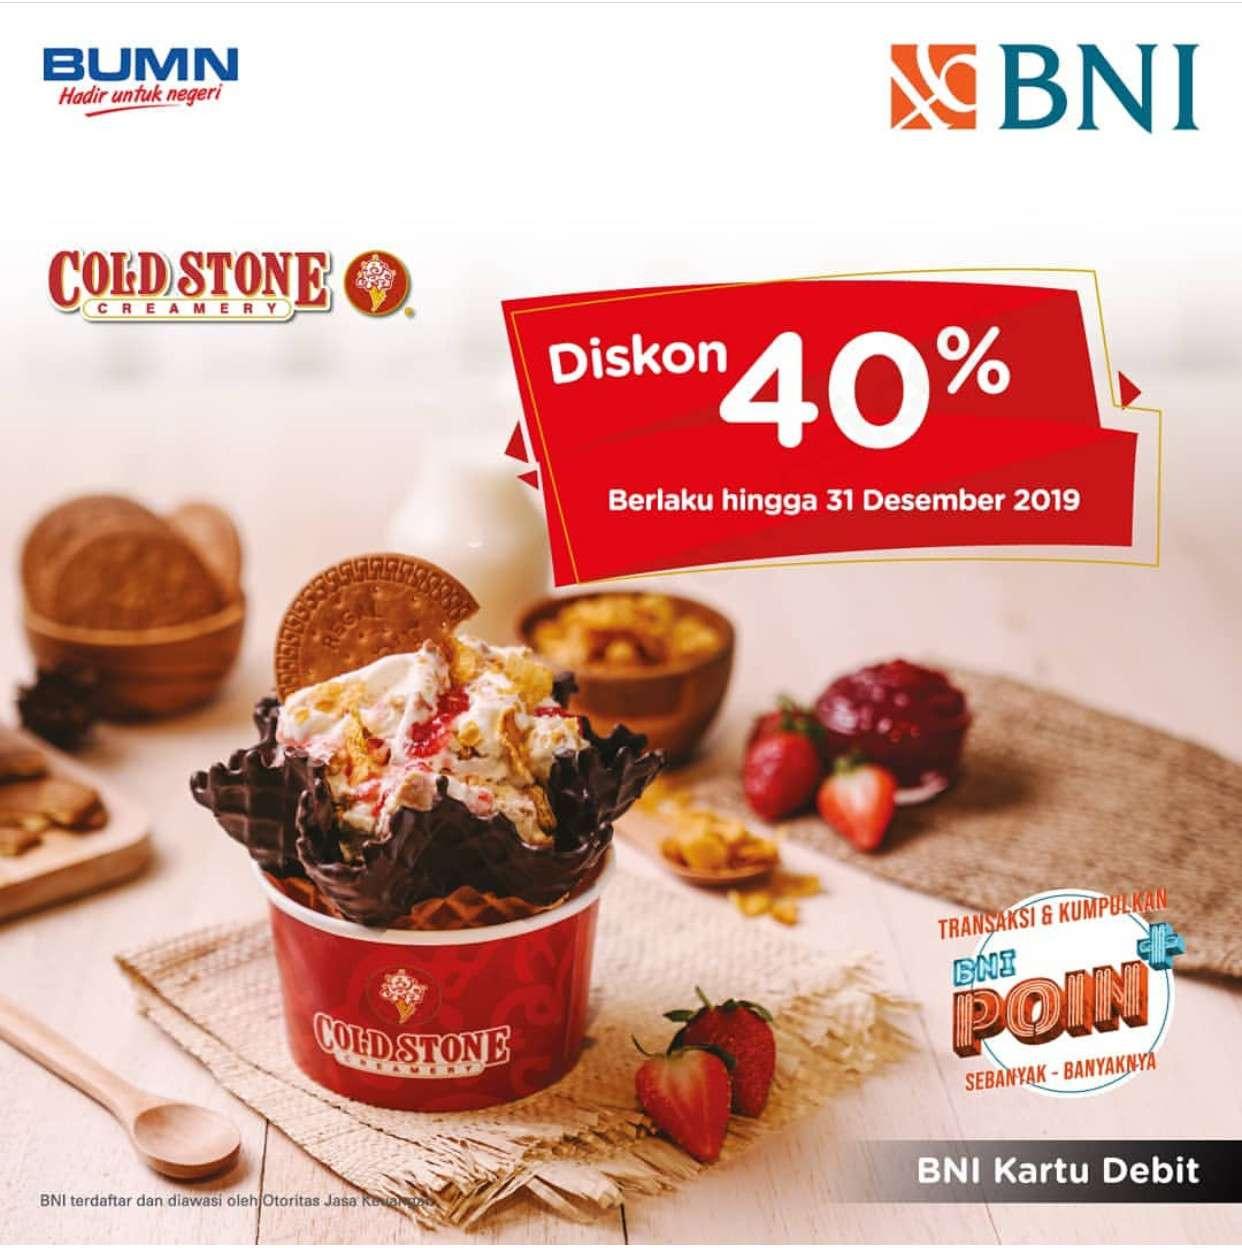 Cold Stone Creamery Promo Diskon 40% setiap hari dengan Kartu Debit BNI